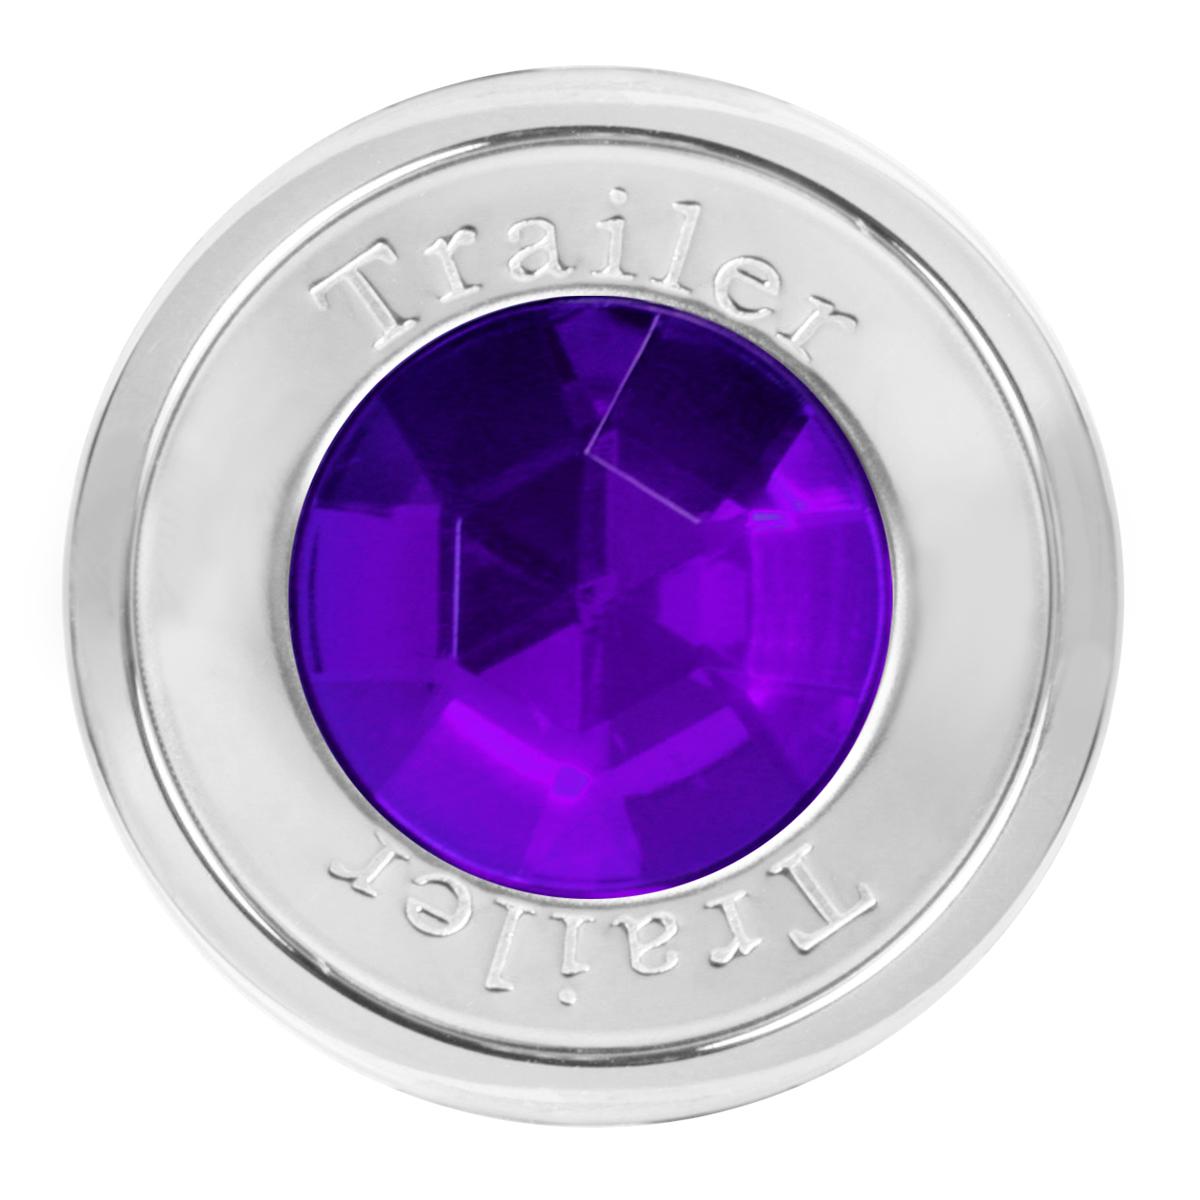 95824 Trailer Air Control Knob w/ Purple Crystal